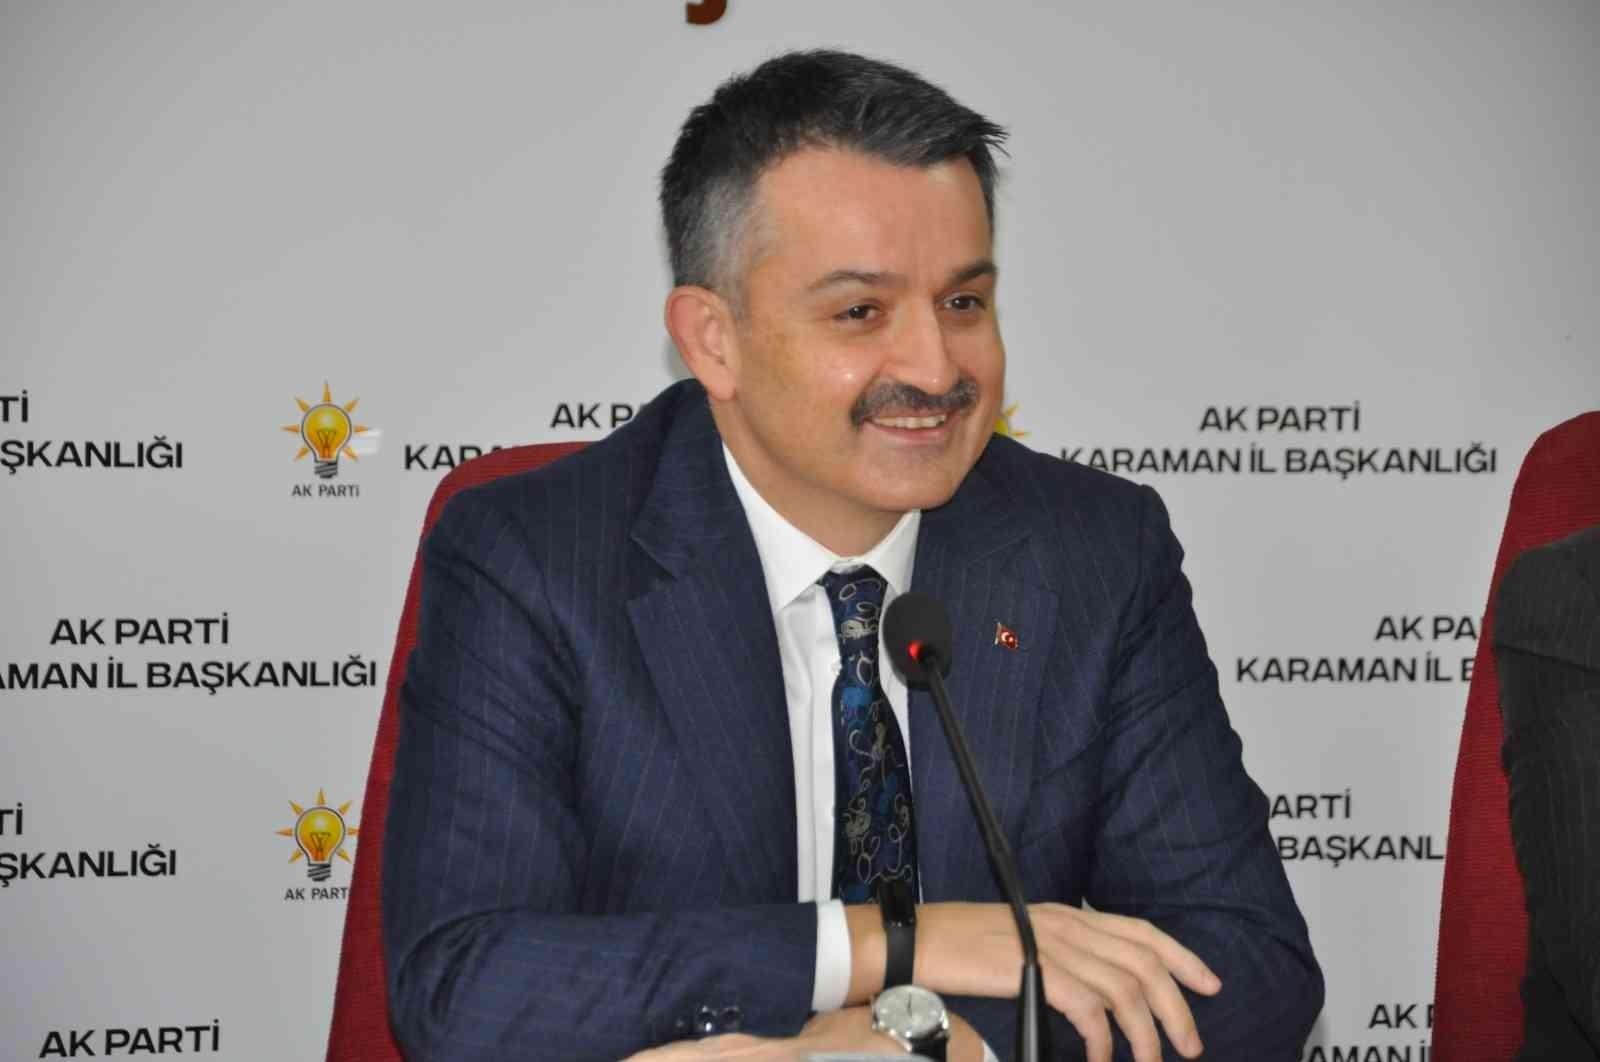 2021/10/bakan-pakdemirli-2023-bana-gore-turkiyenin-en-onemli-secimlerinden-biridir-20211008AW43-2.jpg